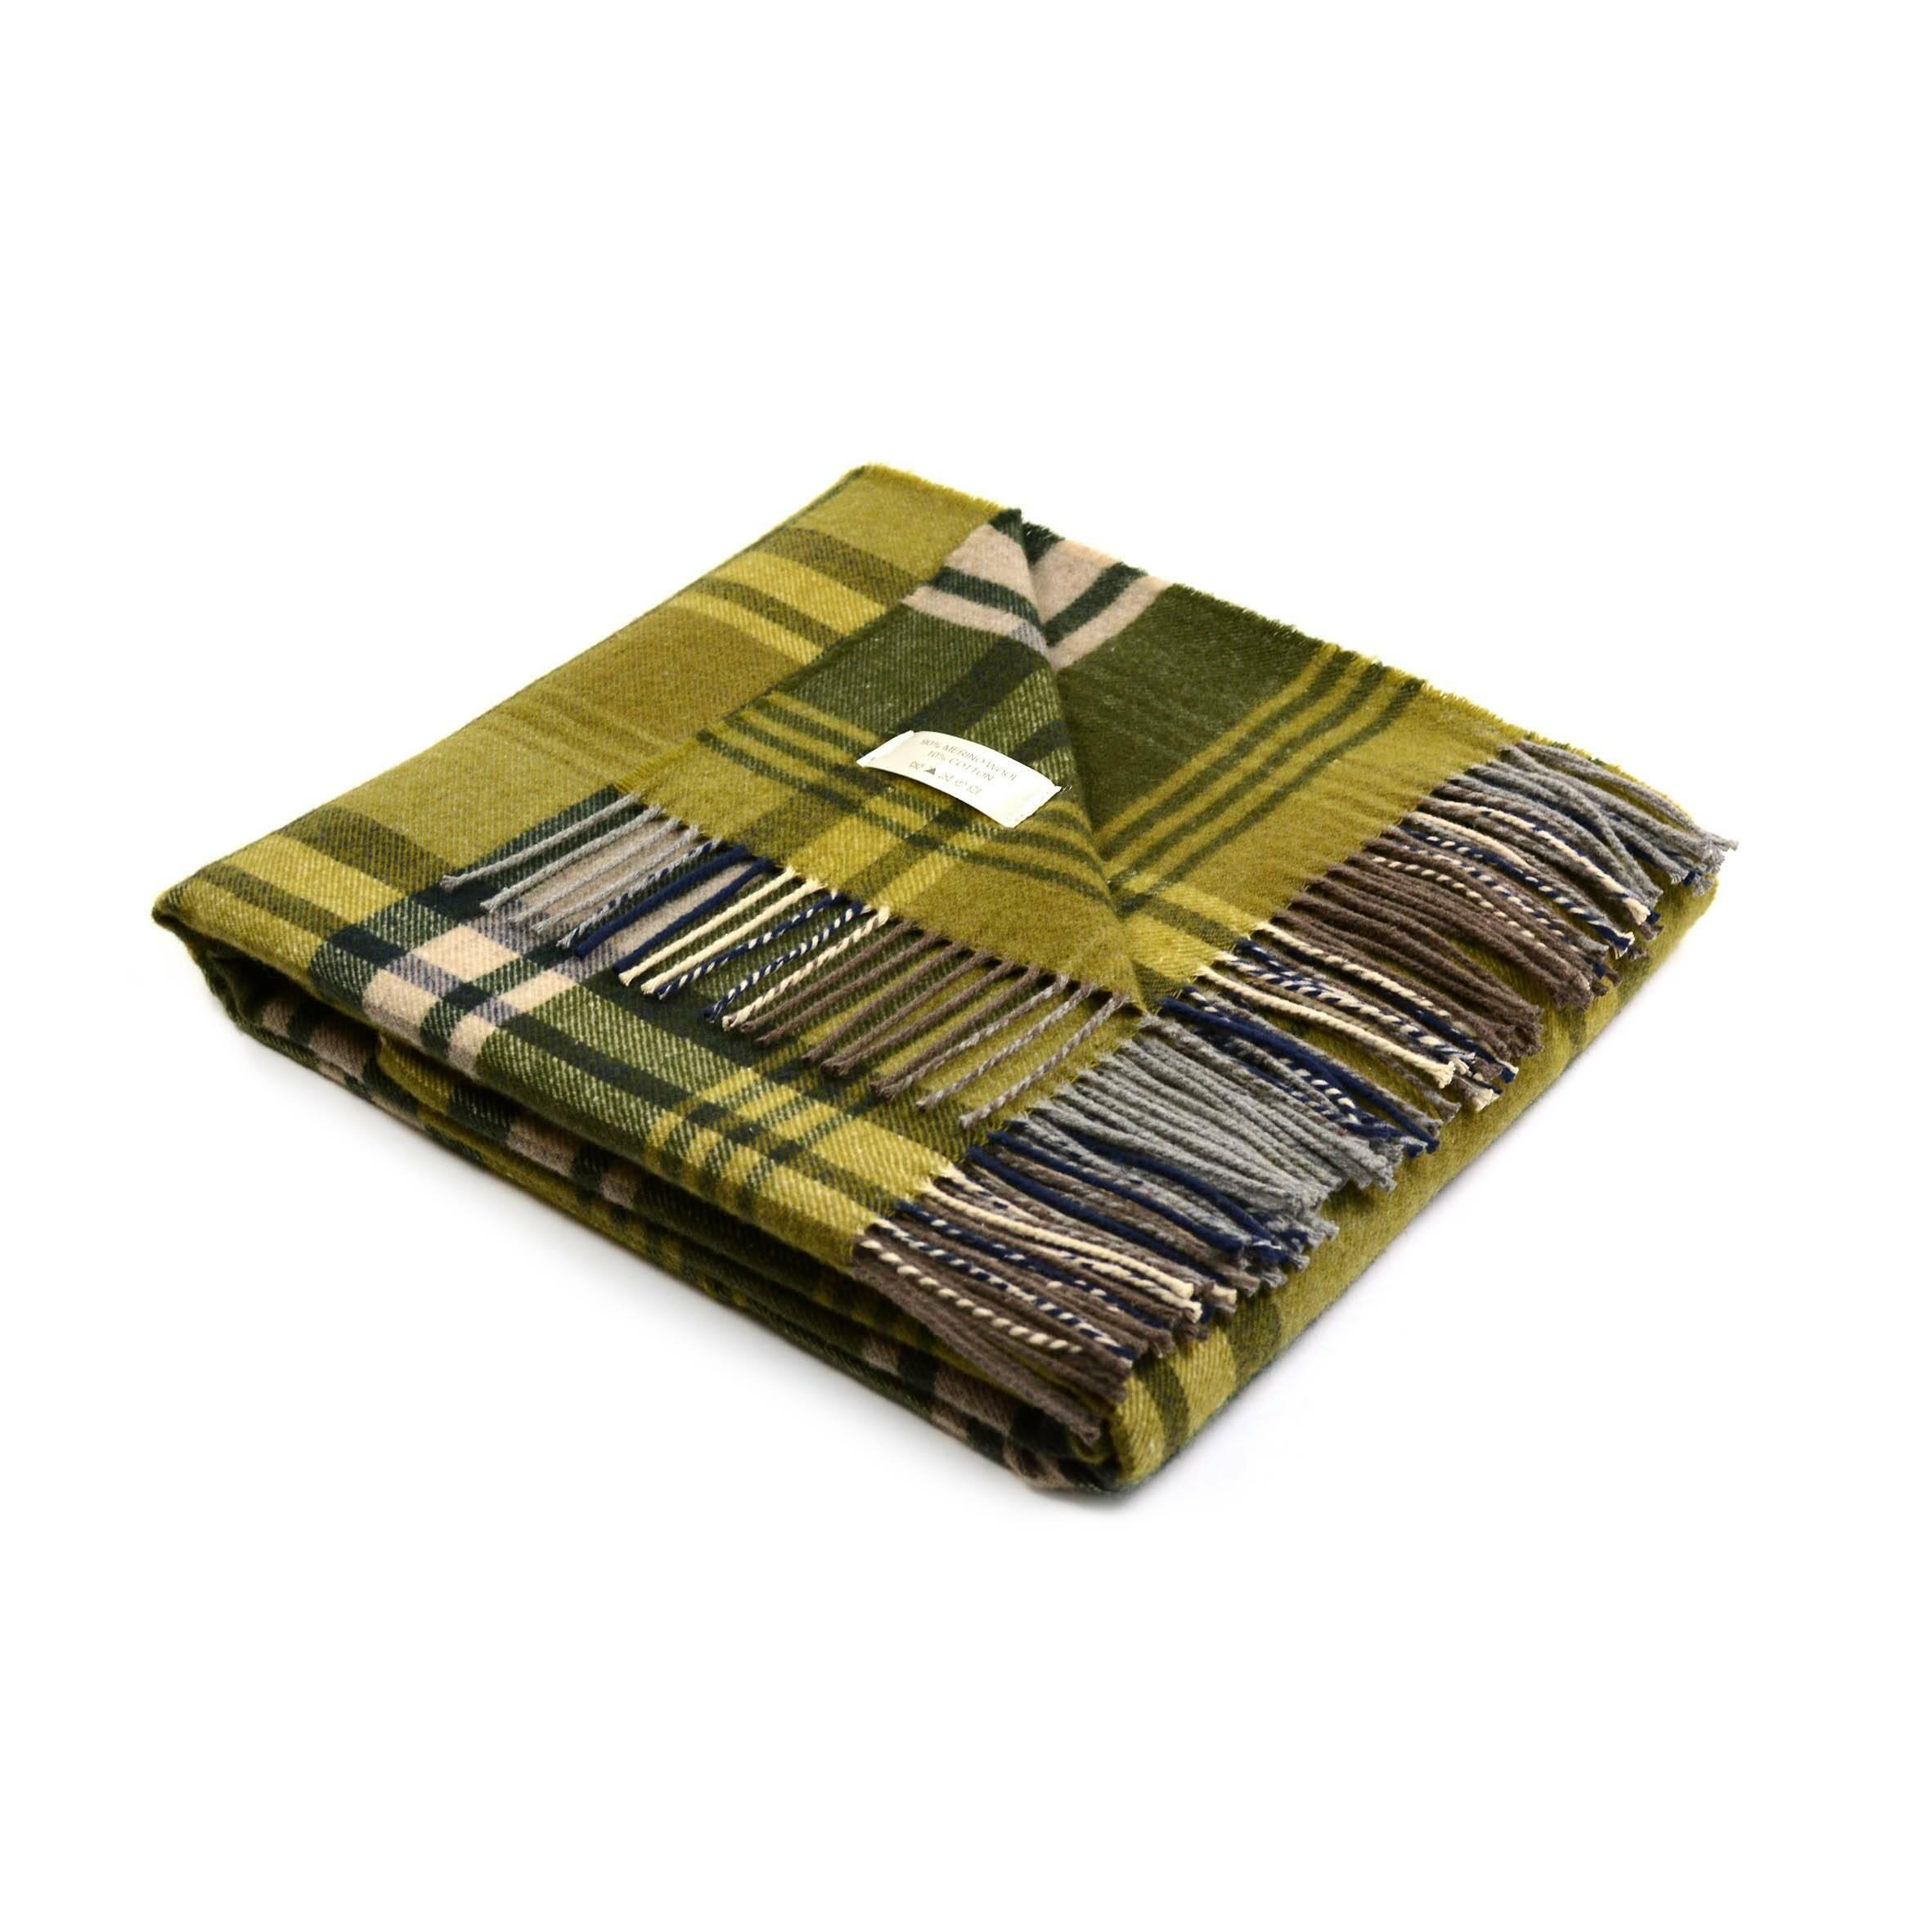 Плед IrlandaРазное<br>Плед Irlanda создан известной итальянской компанией Marzotto, чьи текстильные изделия уже завоевали себе любовь во всем мире. Дизайн данного изделия содержит в себе ирландские мотивы, за что плед и получил такое название.<br><br><br> Изделие ткется из высококачественных гипоаллергенных материалов. На 10% плед Irlanda состоит из легкого хлопка, а на 90% — из шерсти овцы породы меринос. Это прекрасный материал для подобных изделий он экологичен, обладает противомикробными свойствами, легко впитыв...<br><br>stock: 0<br>Ширина: 130<br>Материал: Шерсть, Хлопок<br>Цвет: Зелёный<br>Длина: 180